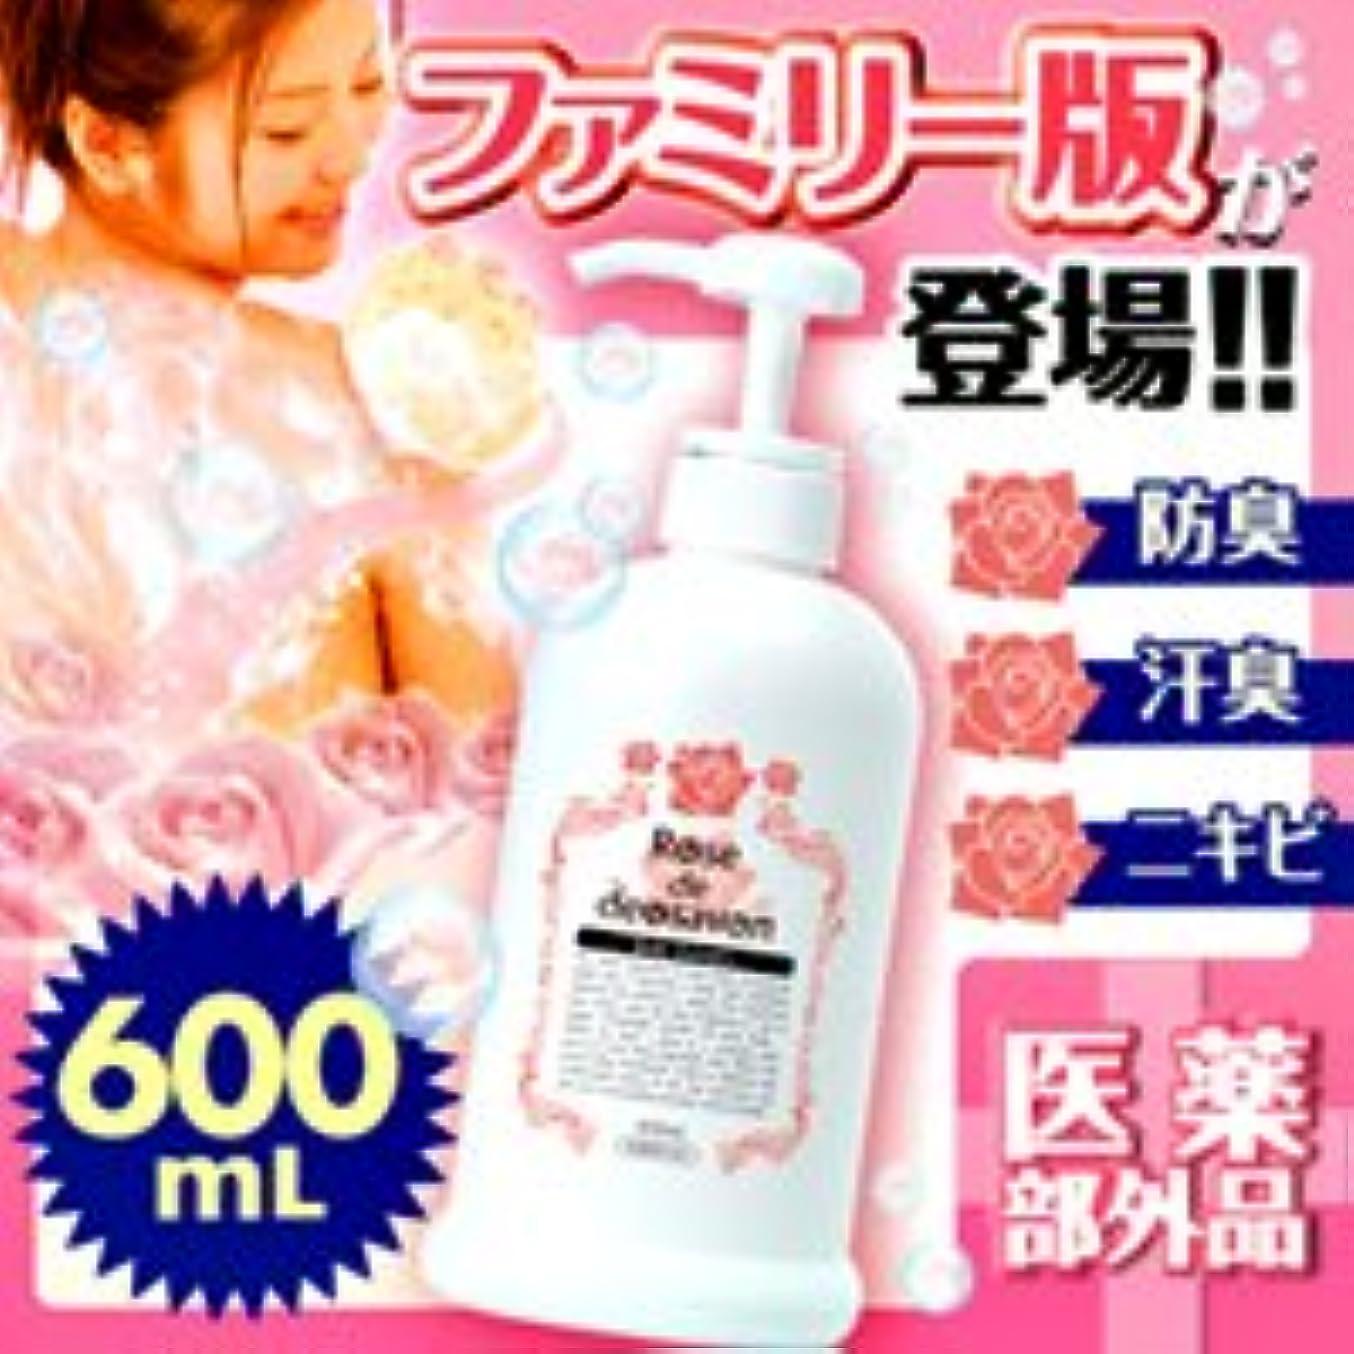 アマチュアリッチめまいがローズドデオシャボン 増量版600ml ※体臭や加齢臭対策に大人気!ファミリー版新登場です!